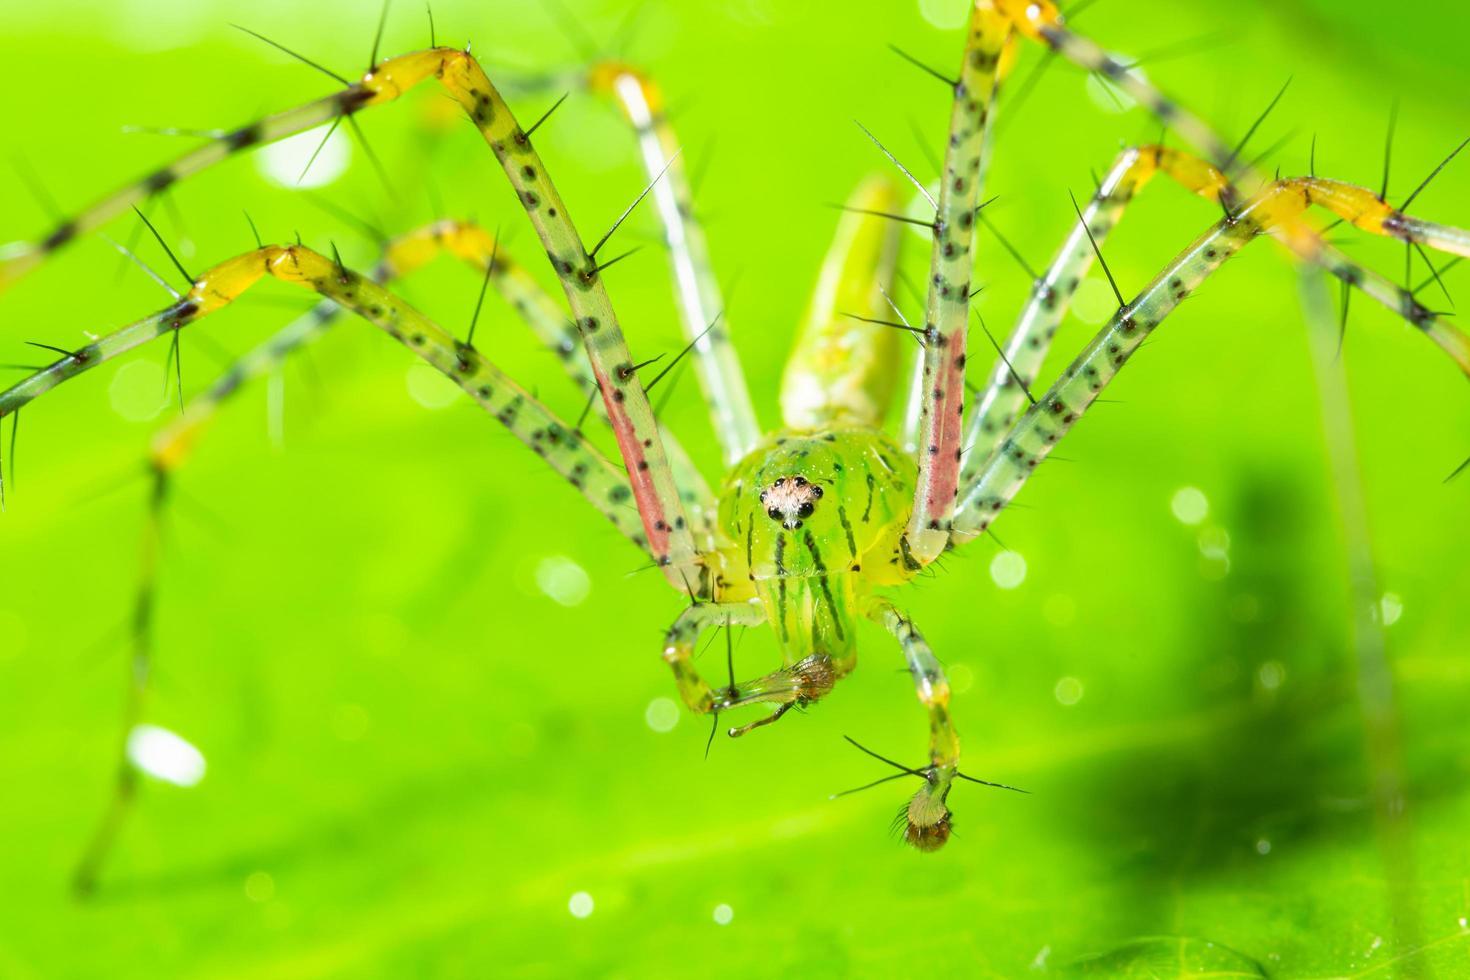 aranha verde em uma folha foto